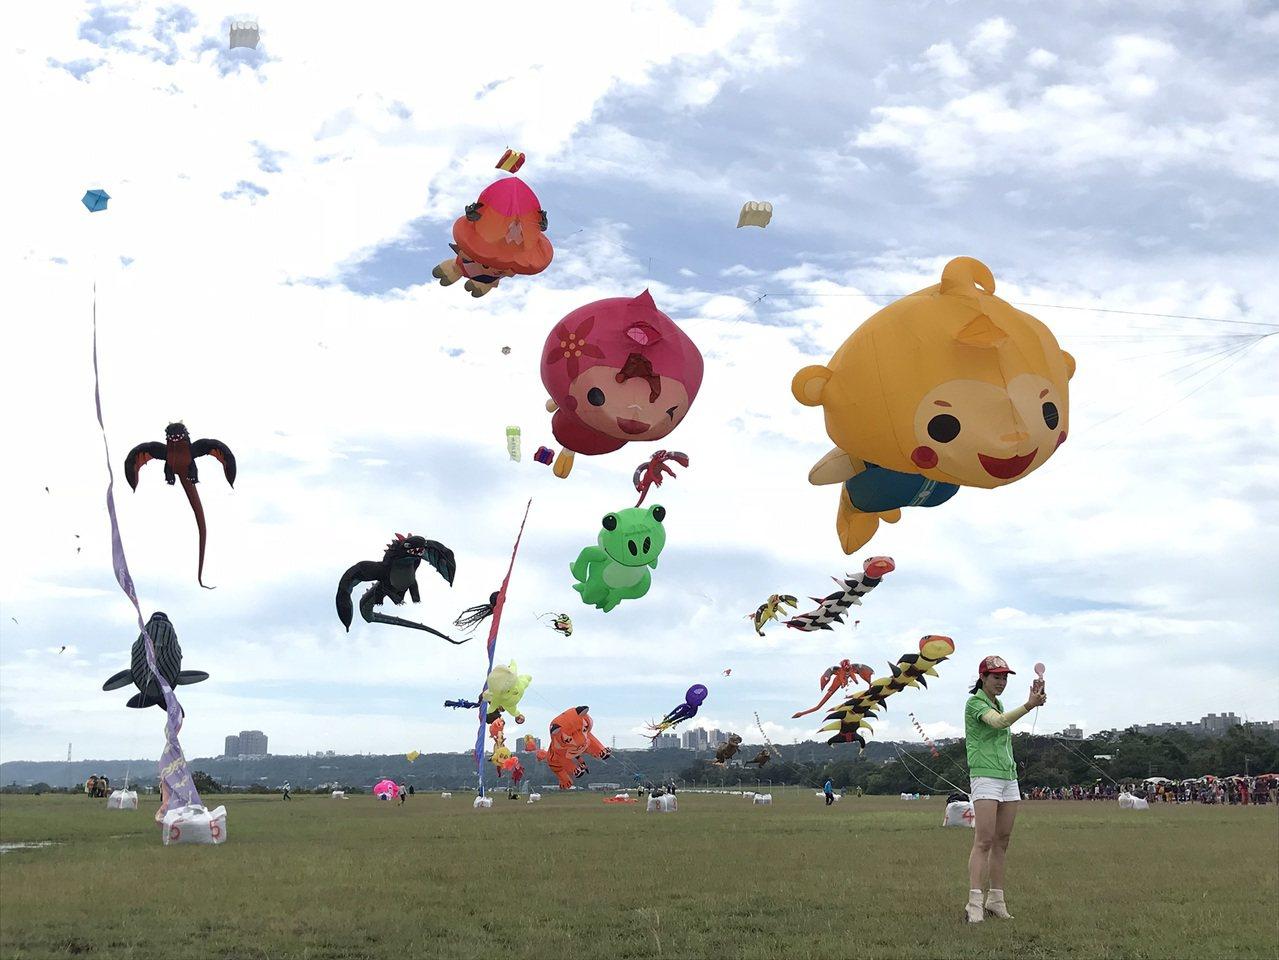 桃園風箏節走國際化路線。圖/桃園市政府觀光旅局提供